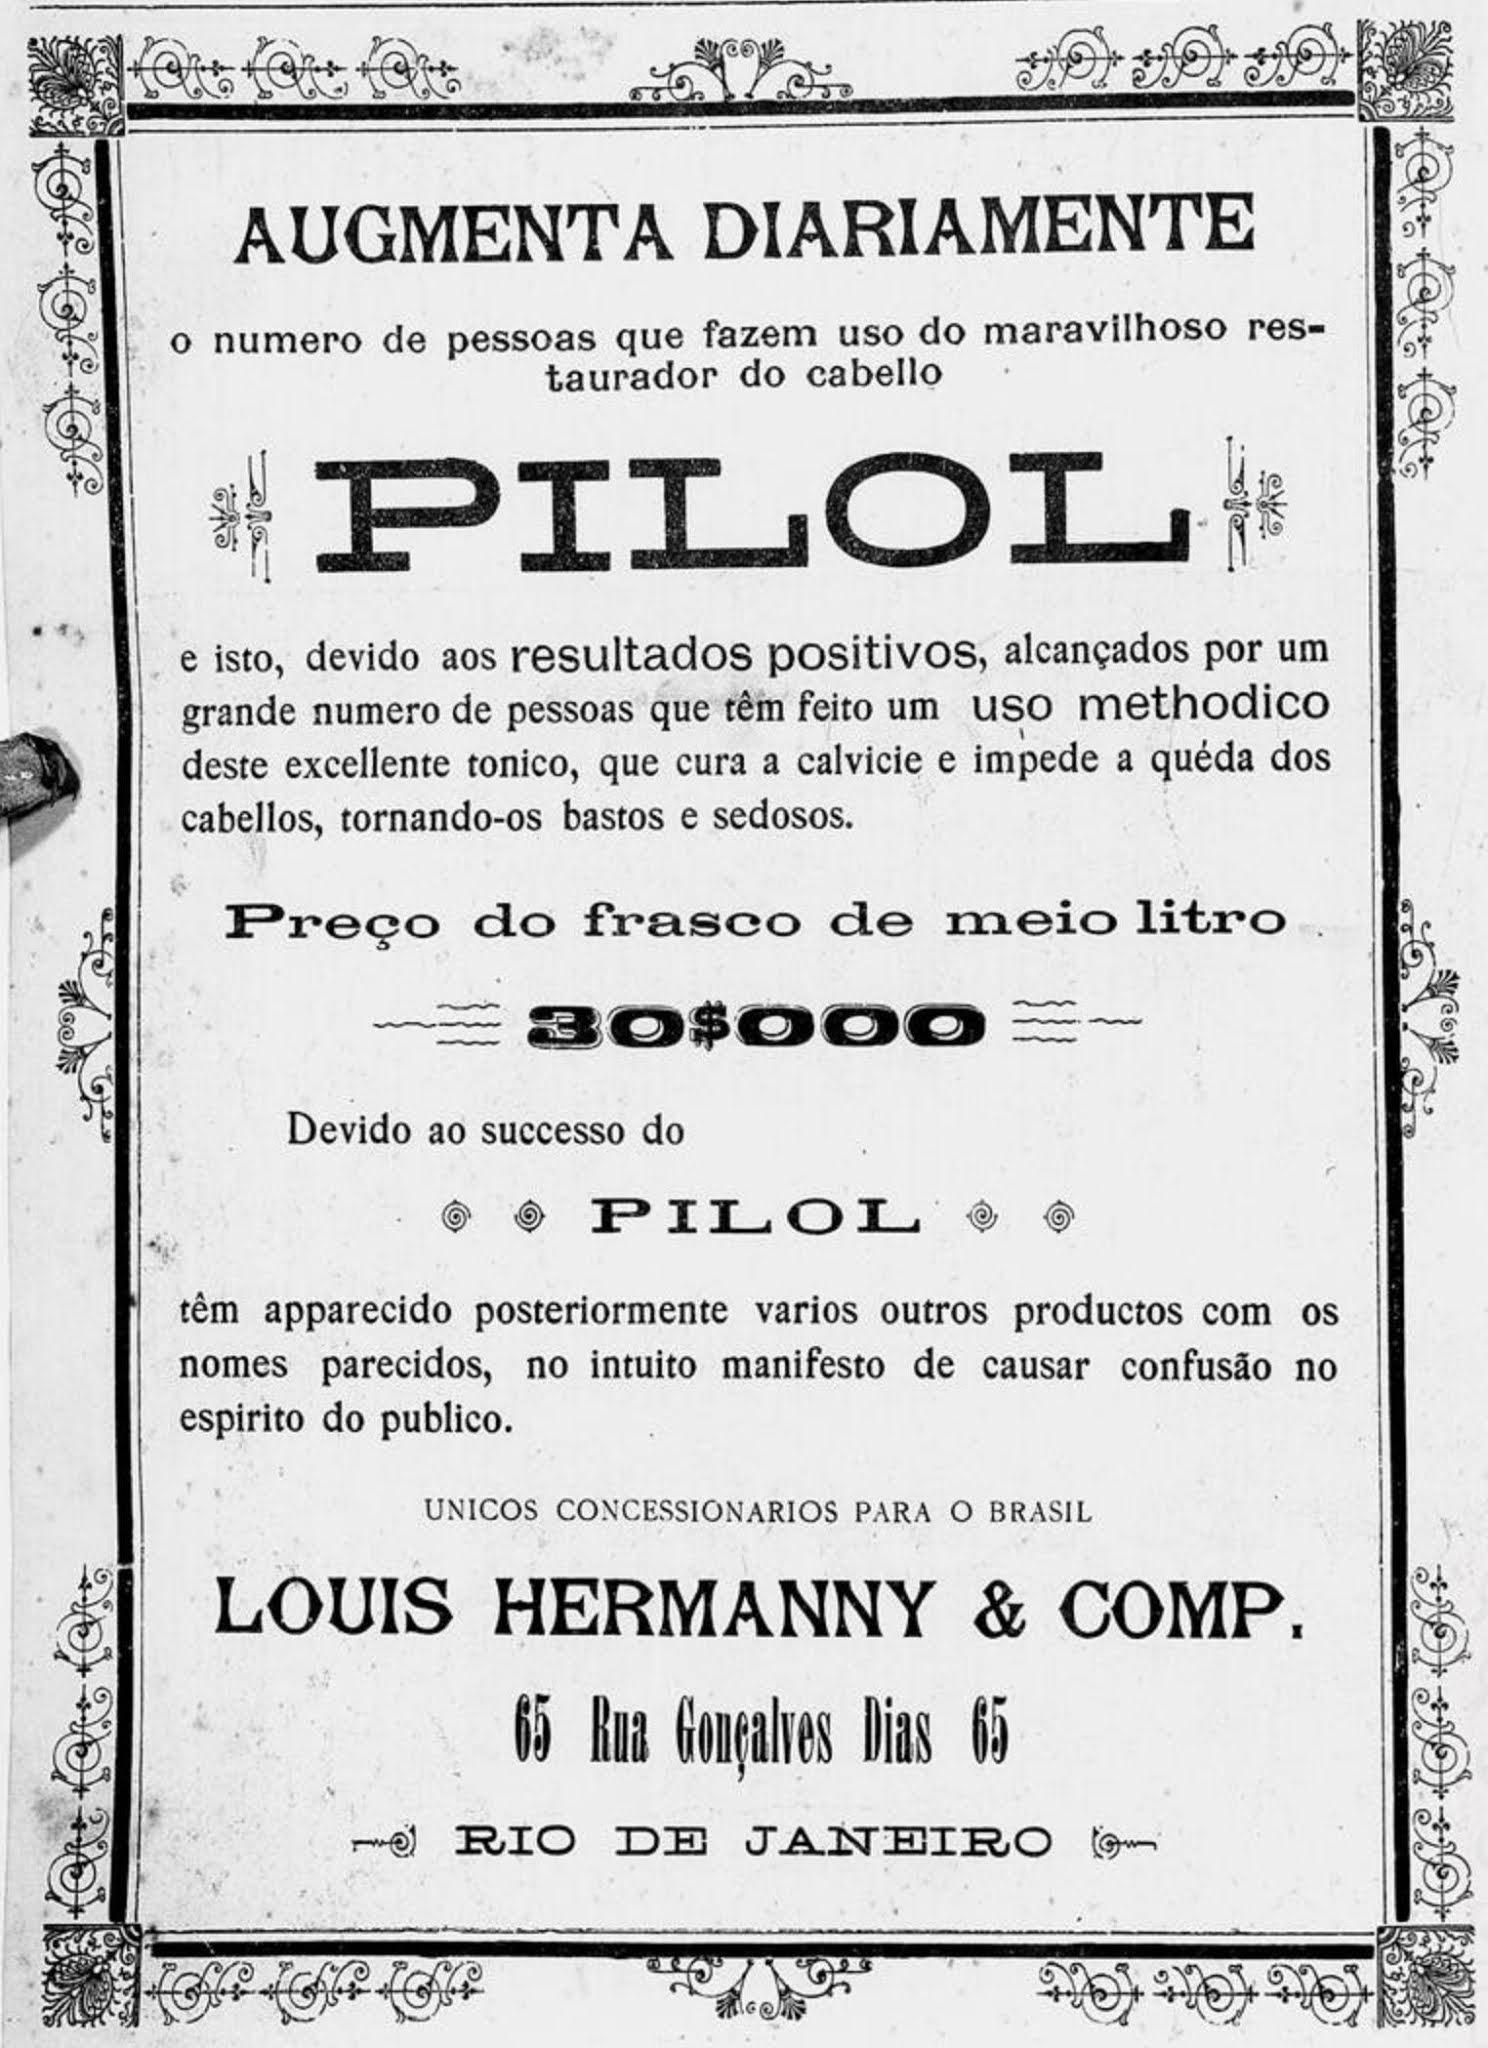 Anúncio de produto pra combater calvície no ano de 1906